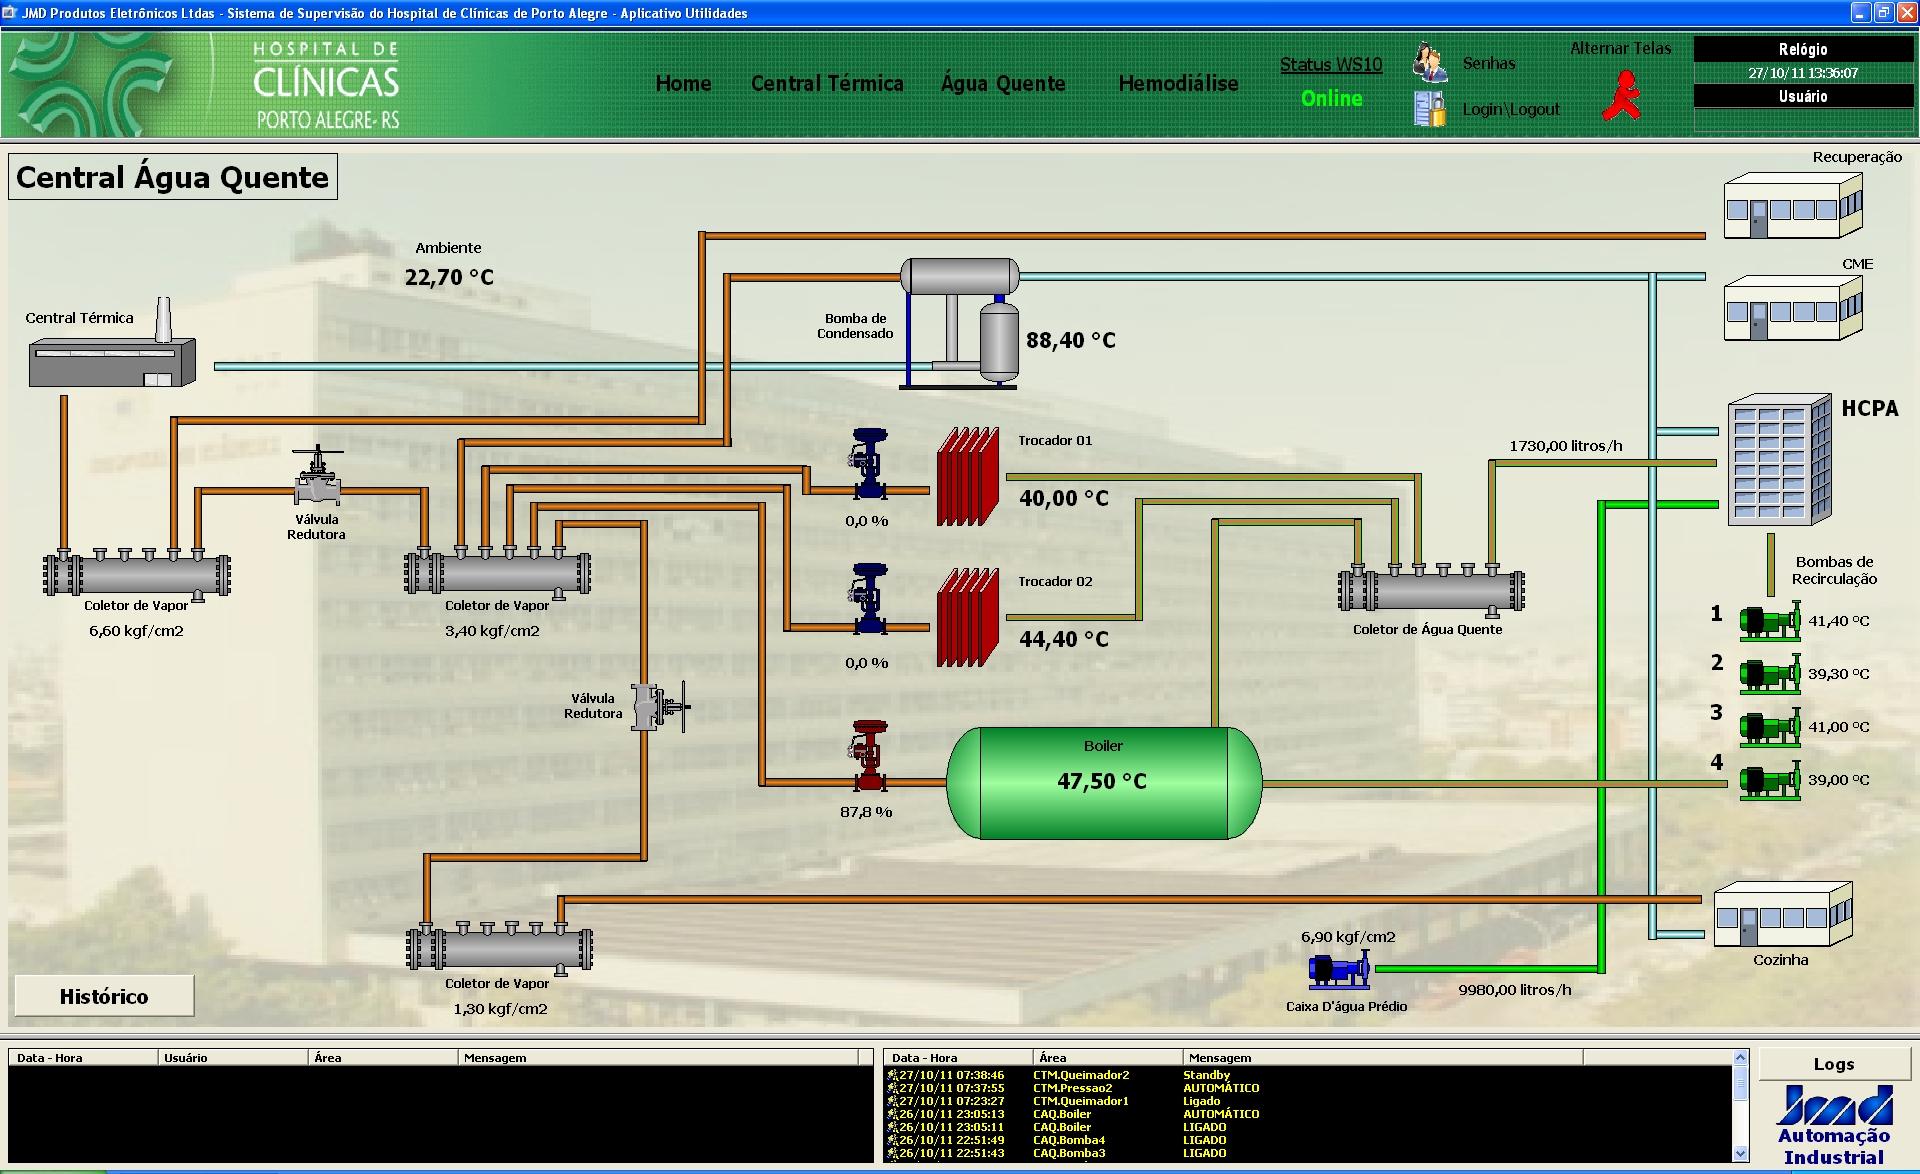 Aplicaes do elipse e3 no hospital de clnicas de porto alegre tela de controle da central de gua quente ccuart Choice Image